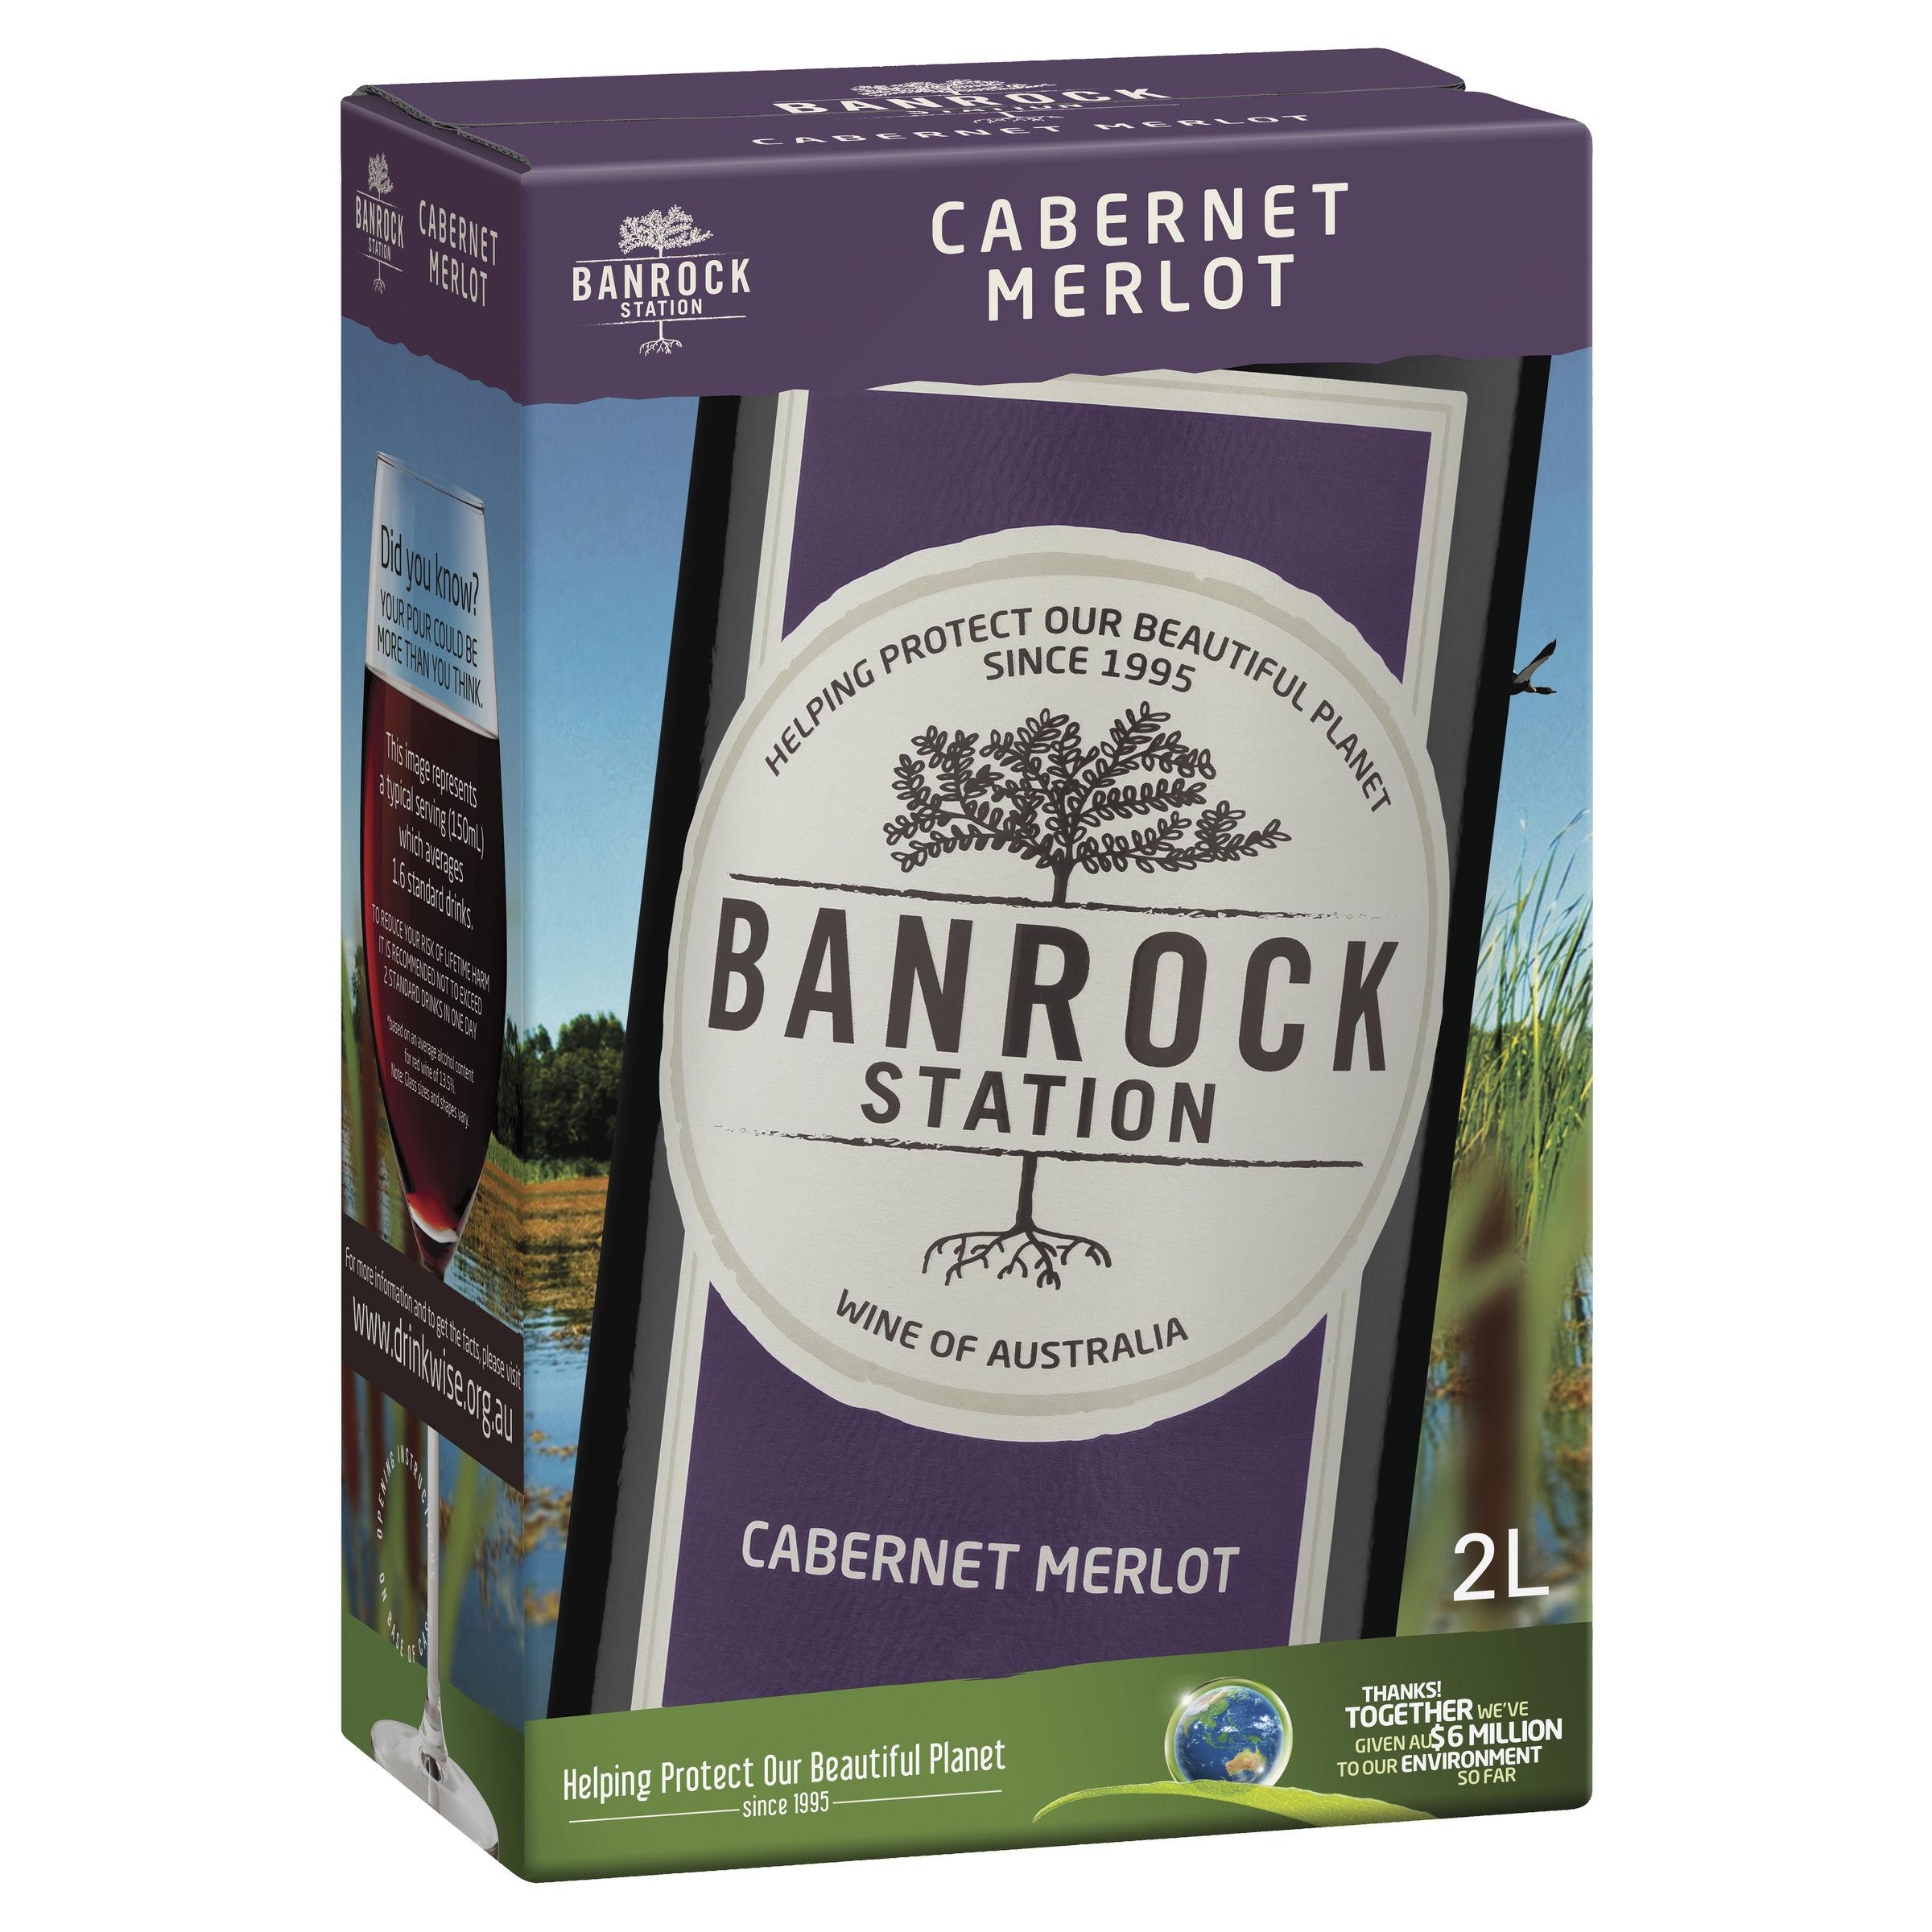 BANROCK STATION CABERNET MERLOT